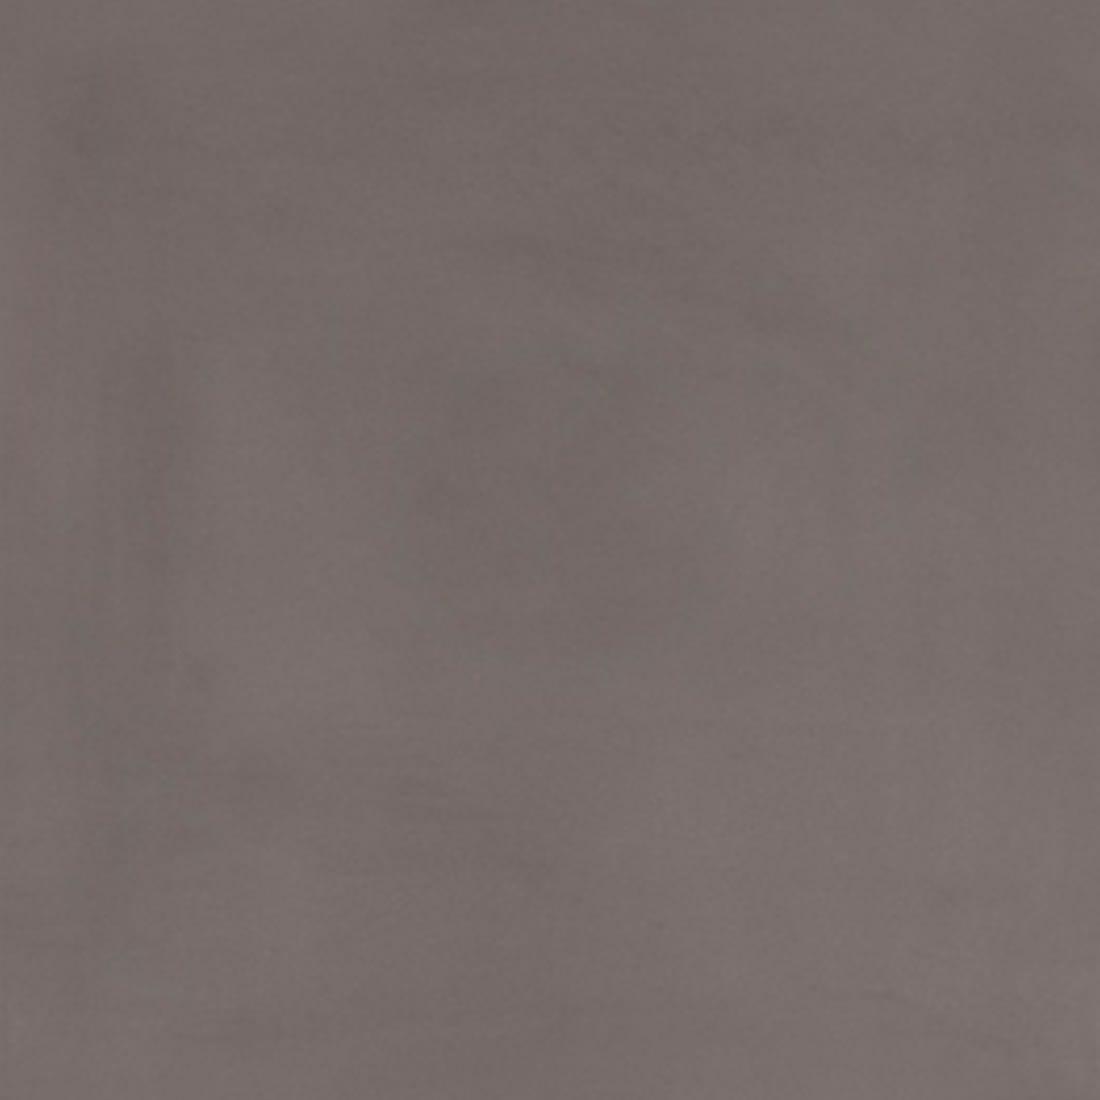 Porcelanato Elizabeth Graphite Natural Escovado 62,5x62,5